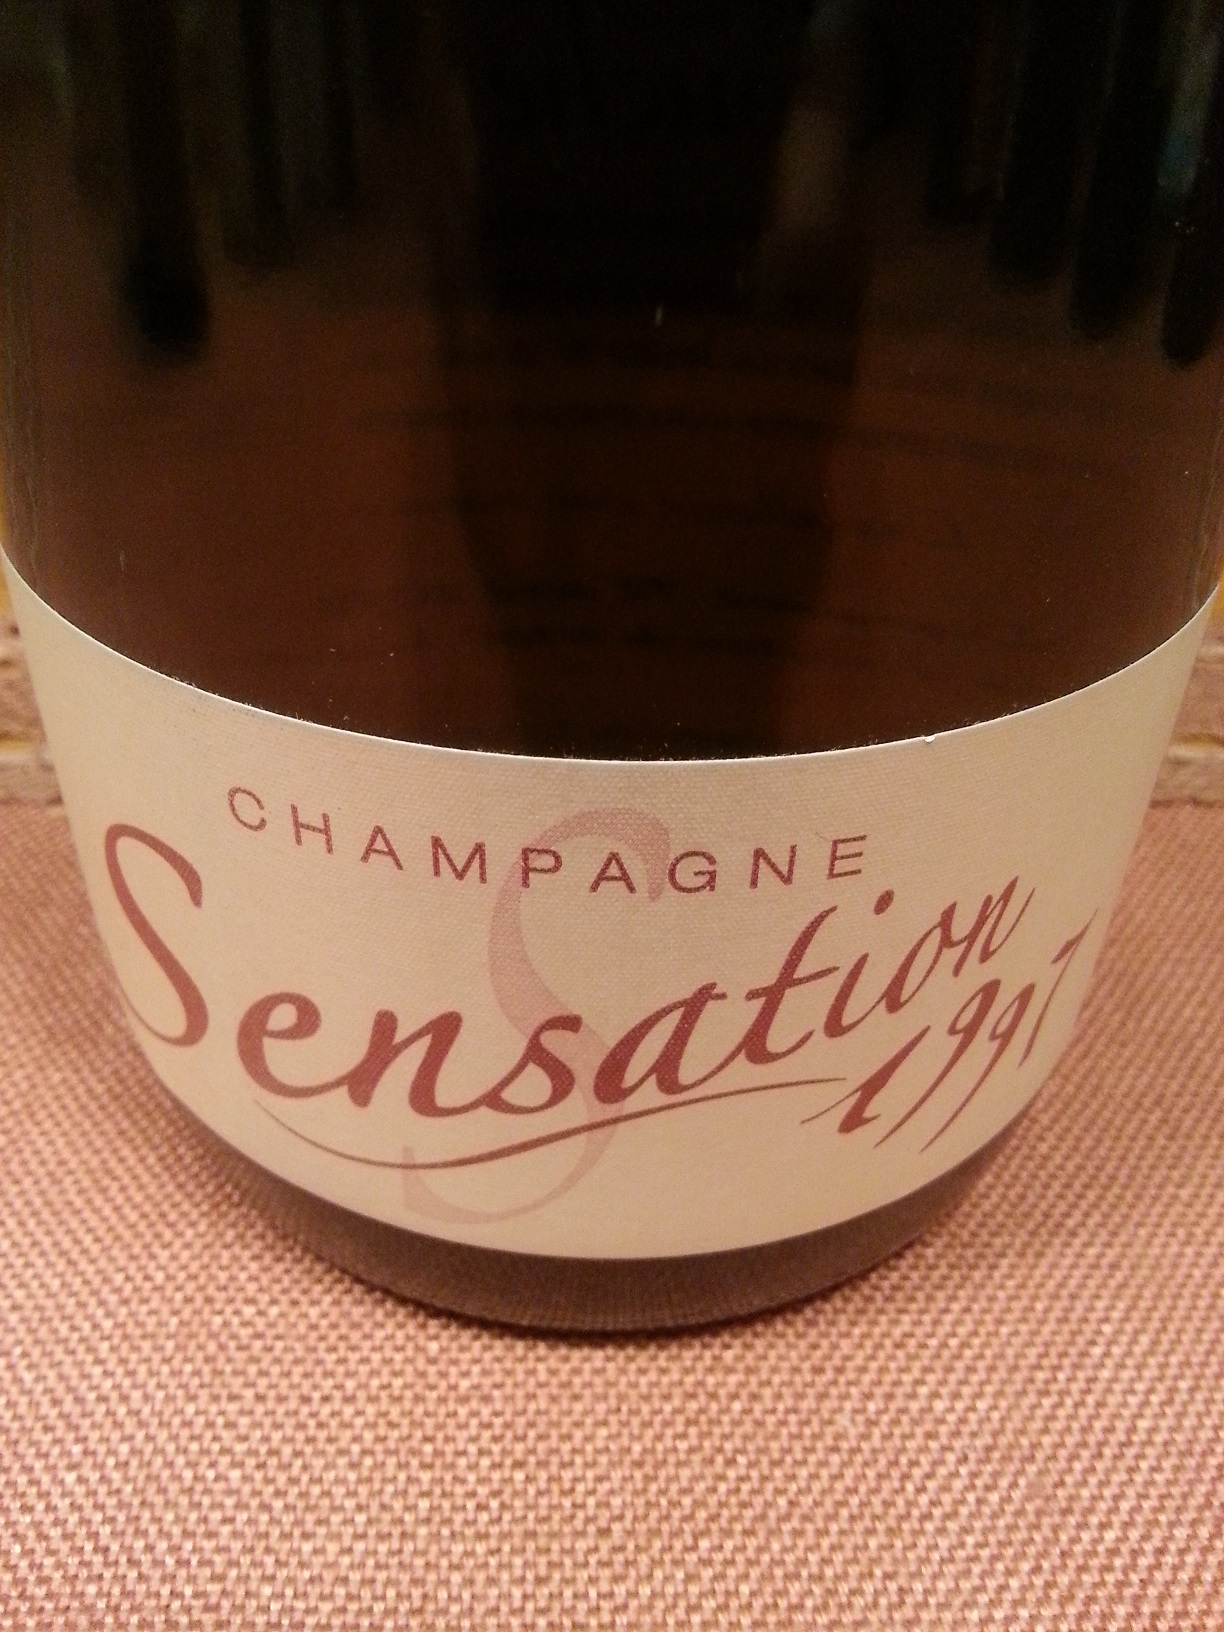 1997 Champagne Sensation | Couche